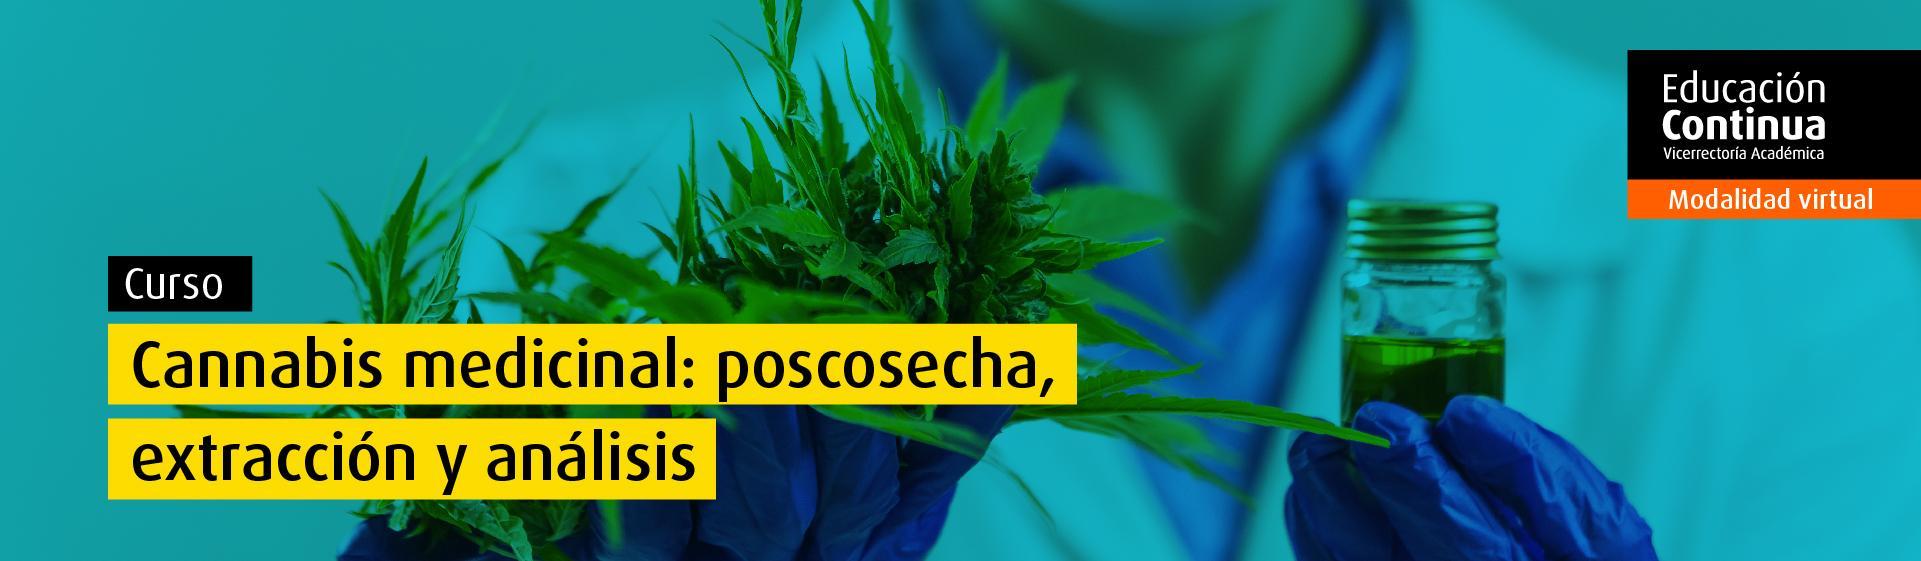 Curso Abierto: Cannabis medicinal: poscosecha, extracción y análisis ingeniería química alimentos uniandes